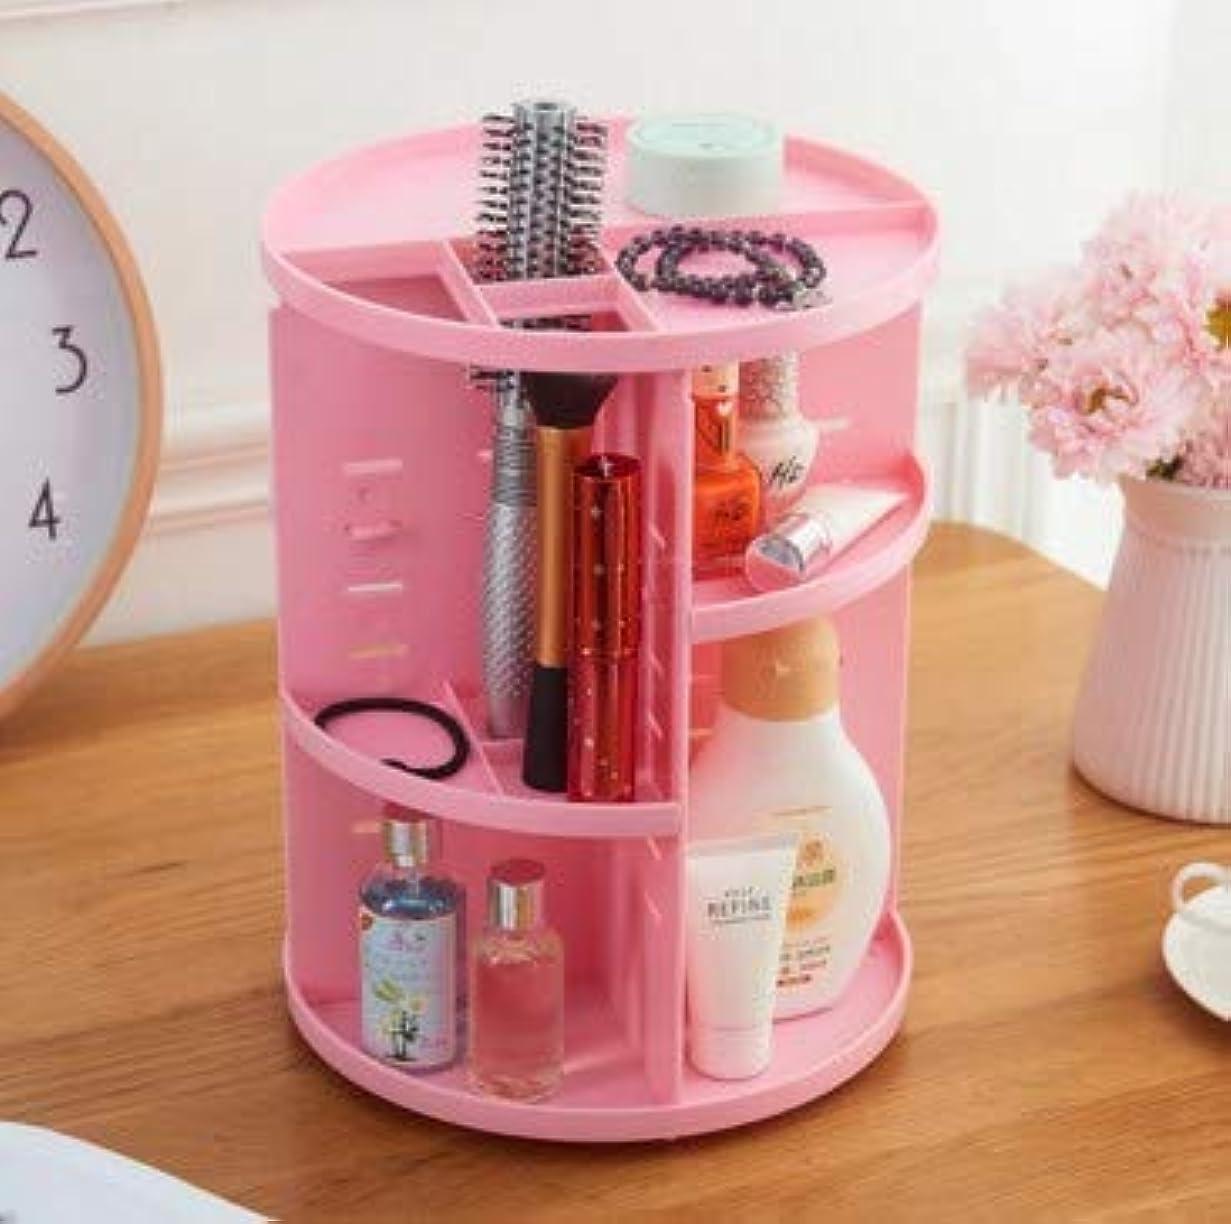 電化する調和喜びデスクトップロータリー収納ボックス多機能プラスチックバスルーム仕上げボックス化粧品収納ボックス (Color : ピンク)